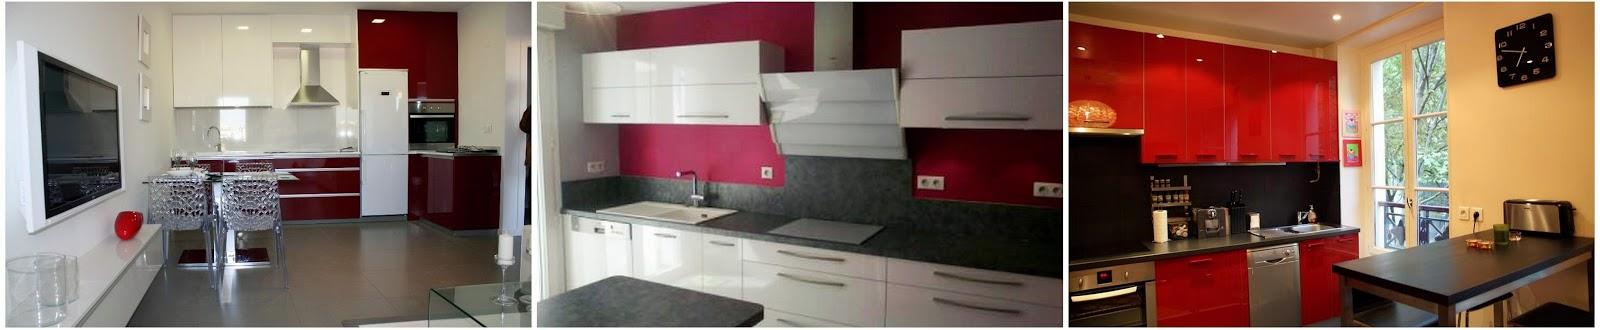 devis peinture cuisine paris artisan vitrificateur. Black Bedroom Furniture Sets. Home Design Ideas